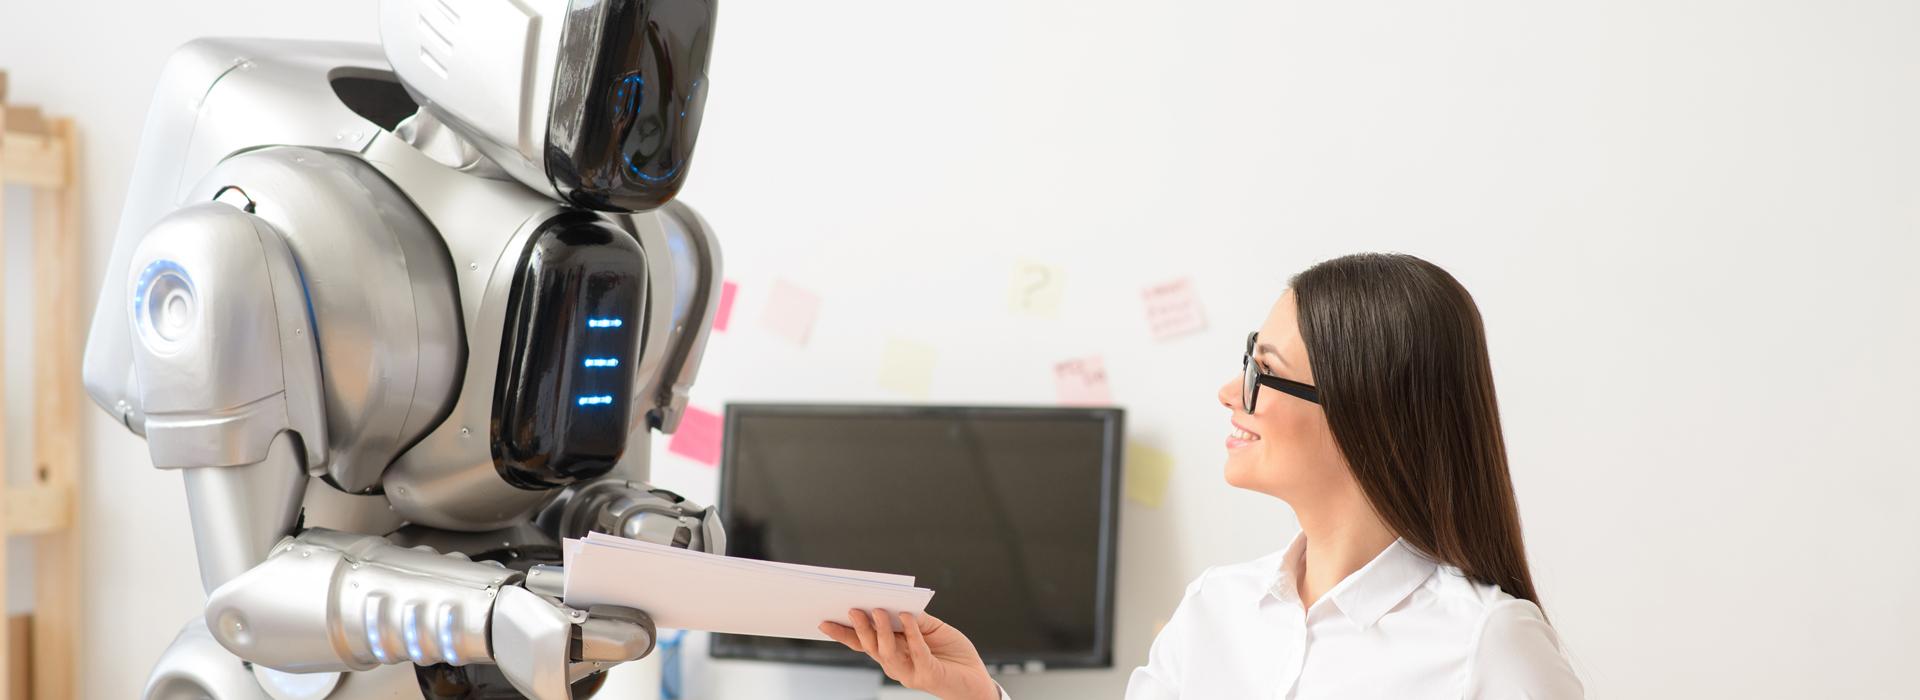 當機器人全面占領地球時 我們人類還能做什麼工作?